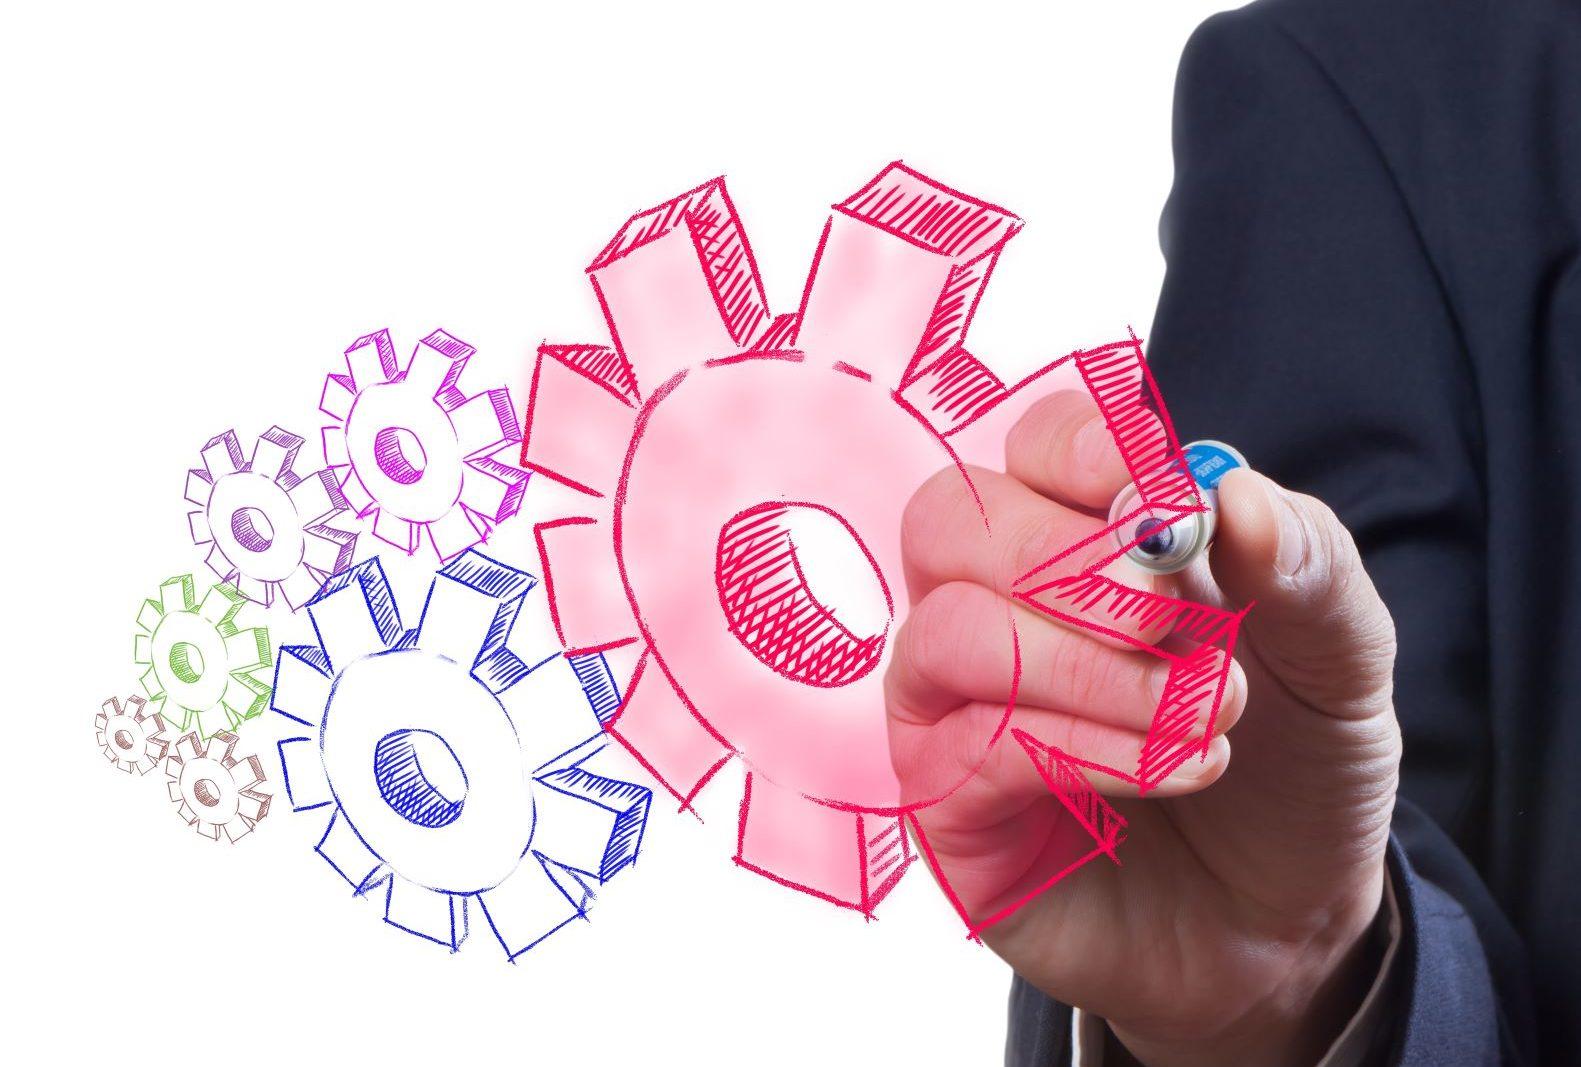 Анонс № 1 (53) 2020 г. журнала «Management», Борис Иткин, операциональные определения, система менеджмента, эффективные коммуникации